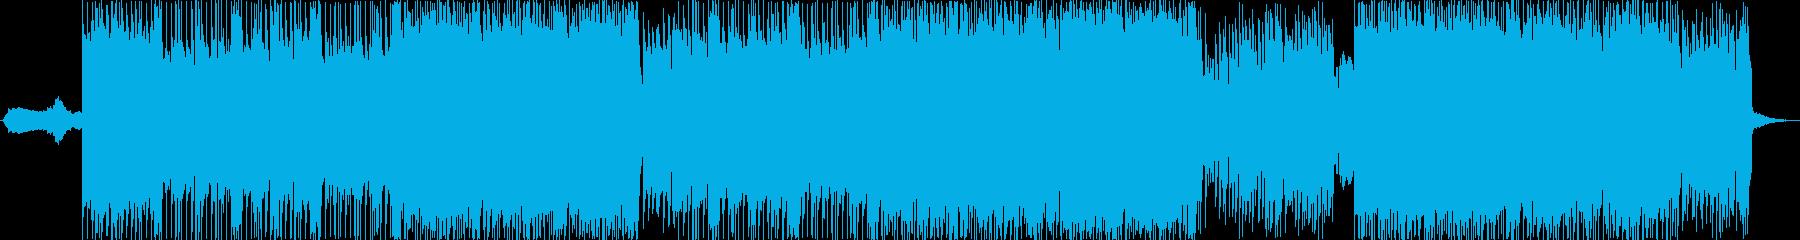 キャッチーな男性ボーカルのシンセポ...の再生済みの波形